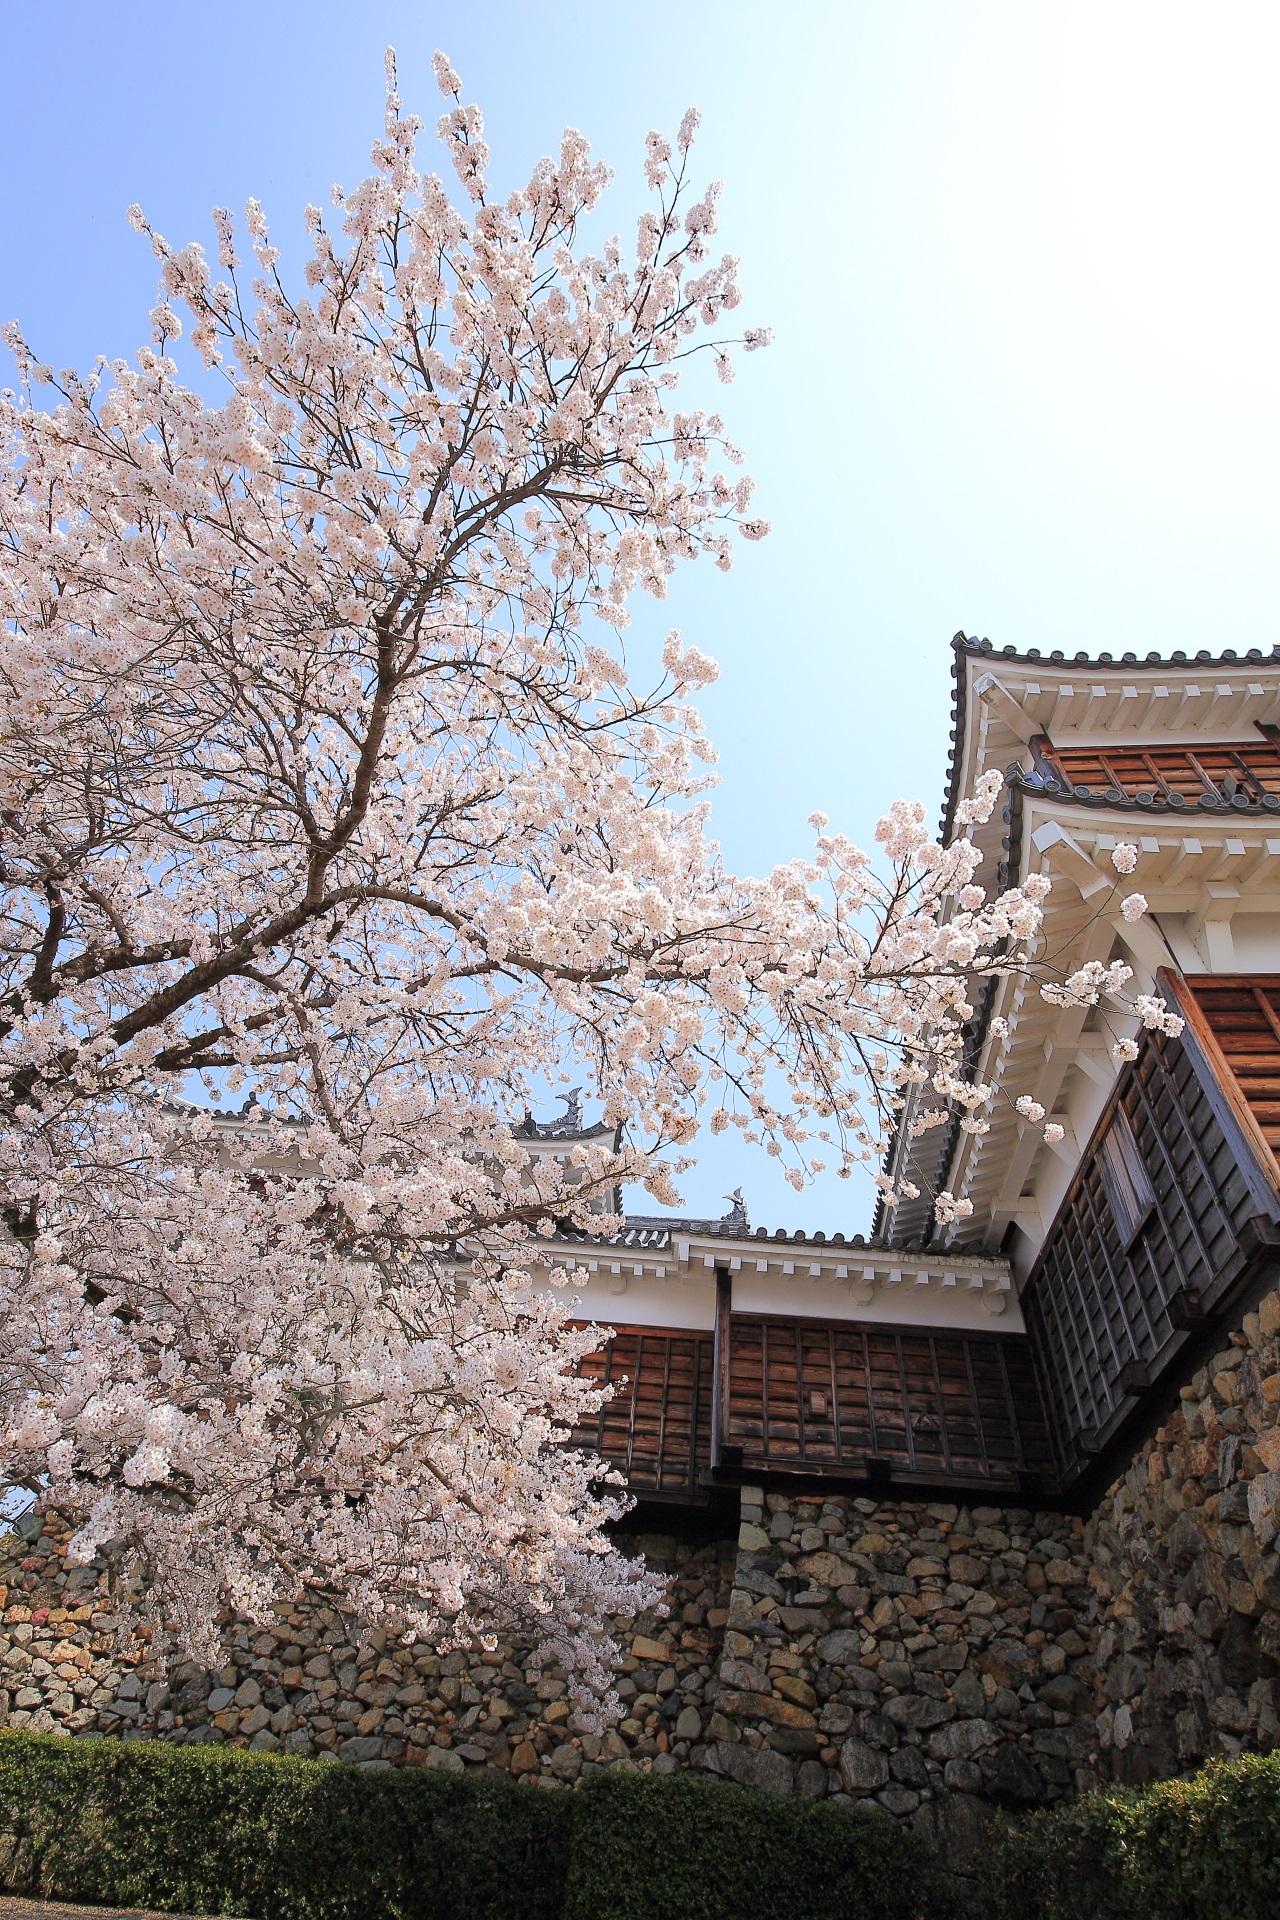 福知山城の天守の横で咲く誇る桜